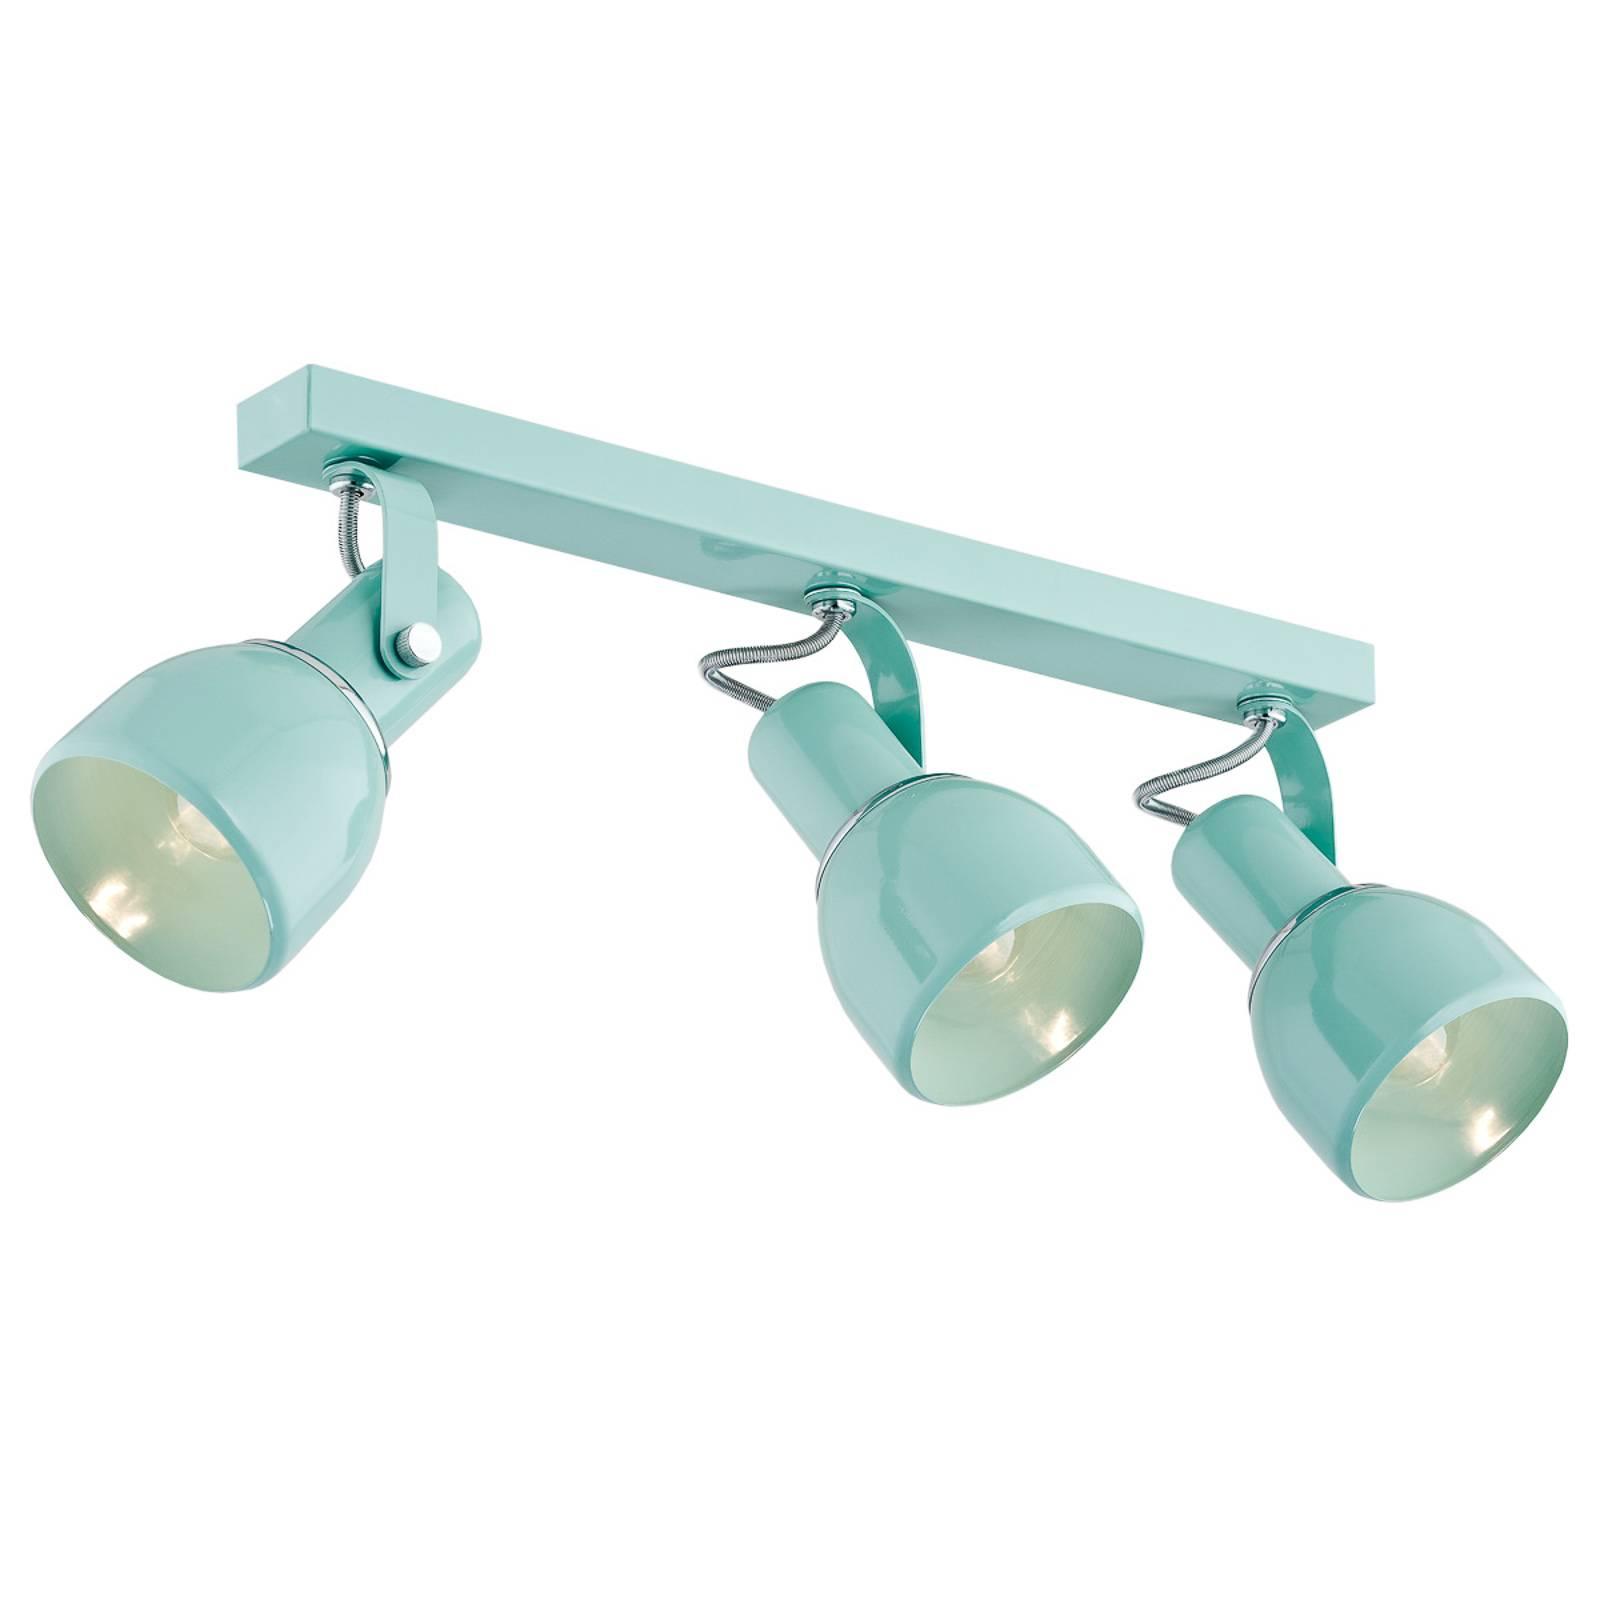 EULUNA Stropní reflektor Fiord, tři zdroje, mátově zelený